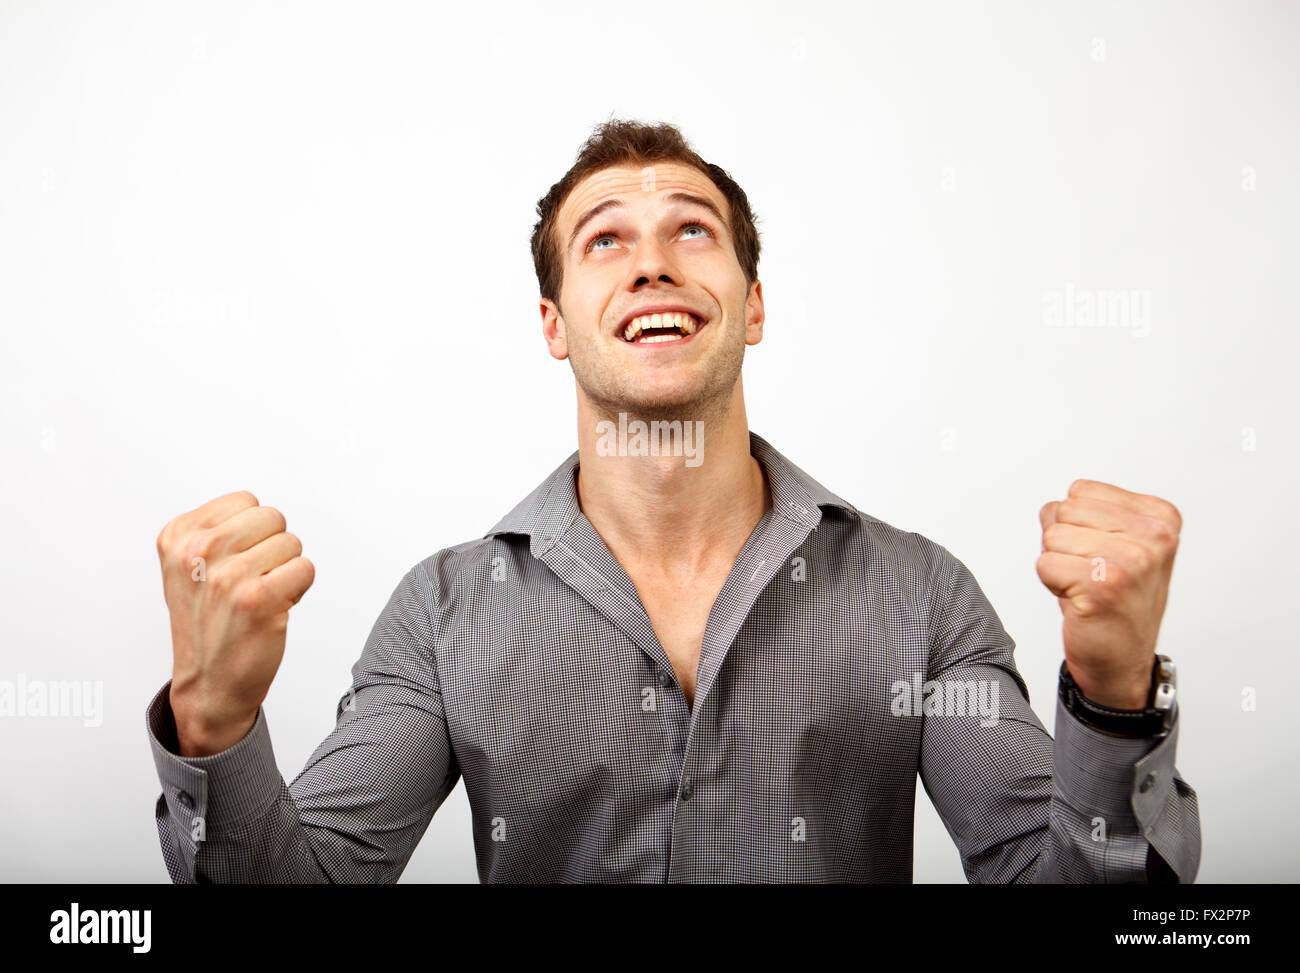 Emocionado ganador masculino expresando la victoria y el éxito. Negocio exitoso hombre aislado sobre fondo Imagen De Stock